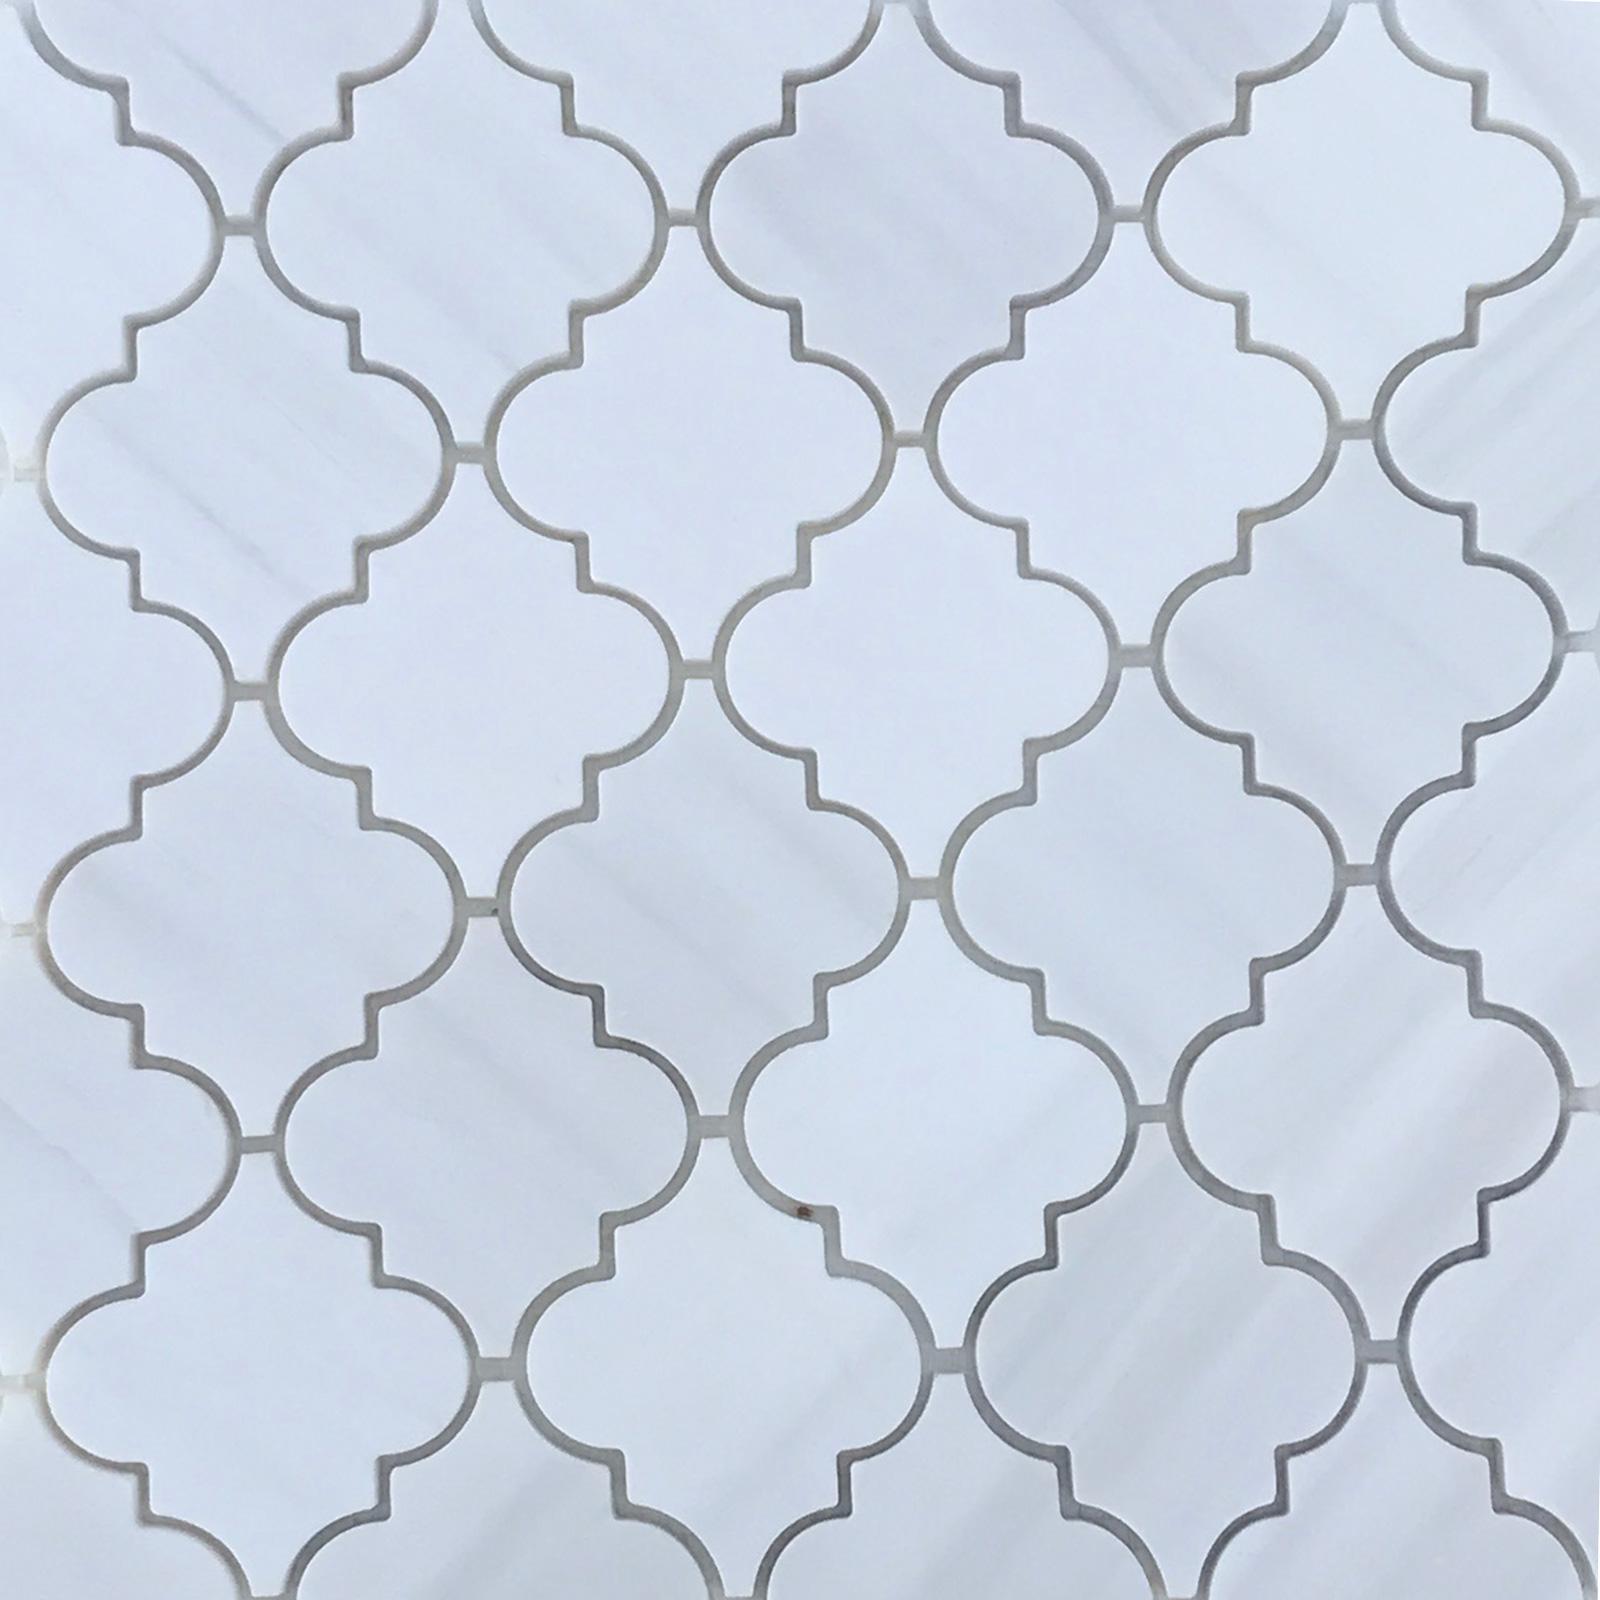 whole tiles